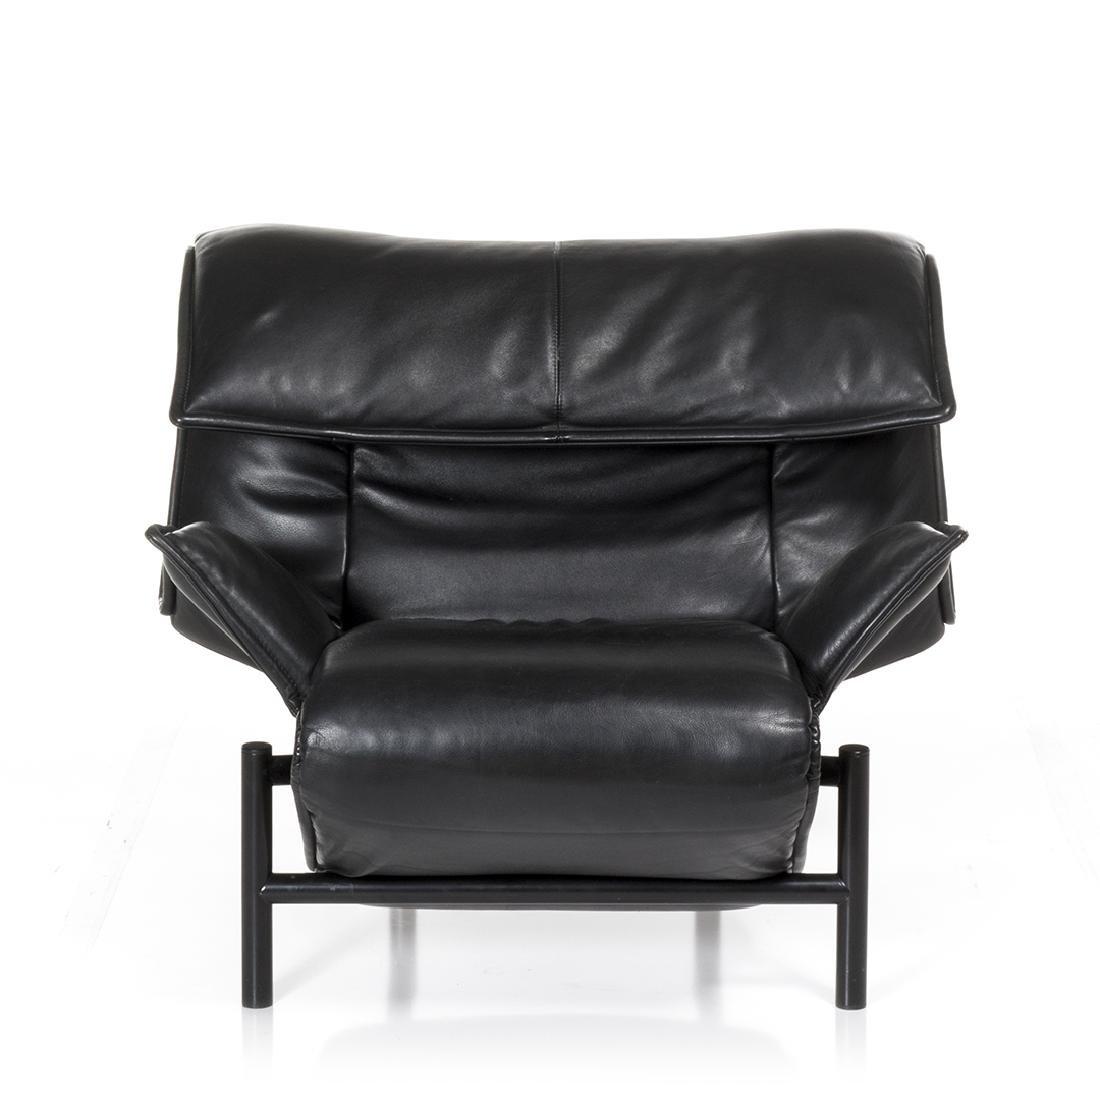 Vico Magistretti Veranda Lounge Chair - 3